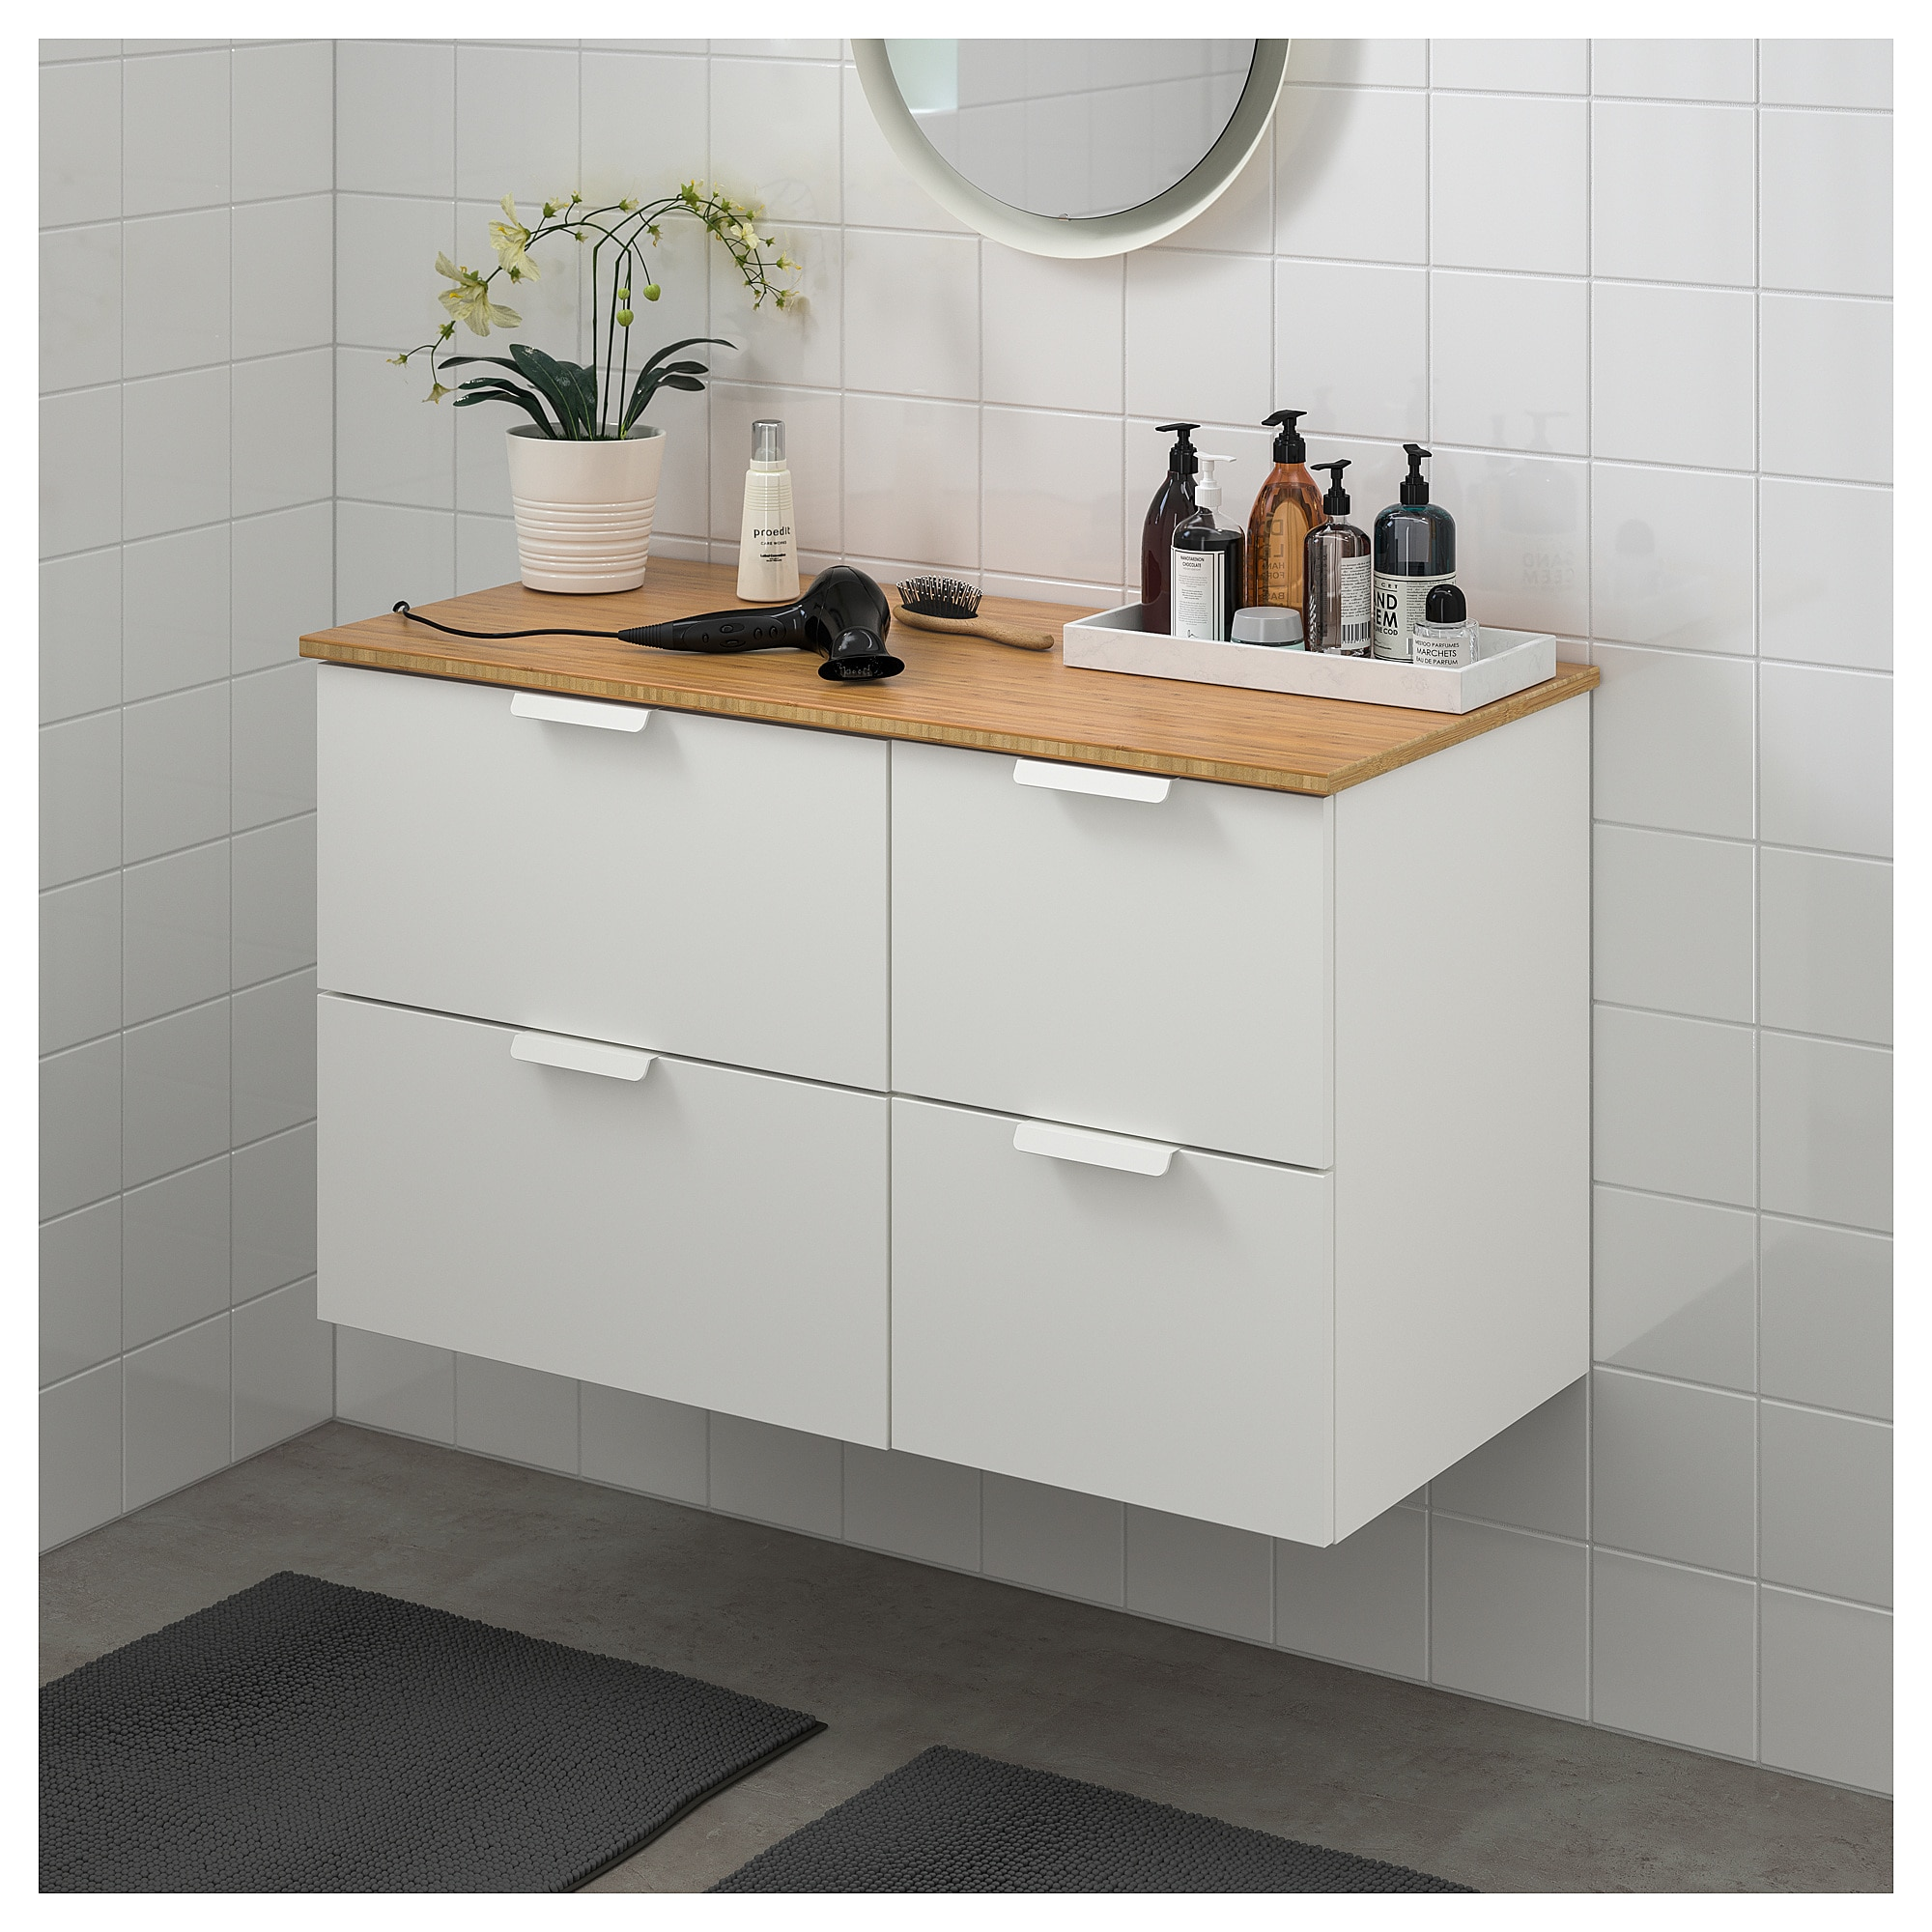 Godmorgon Tolken Waschbeckenschr 4 Schubl Weiss Bambus Ikea Ikea Godmorgon Und Waschbeckenschrank